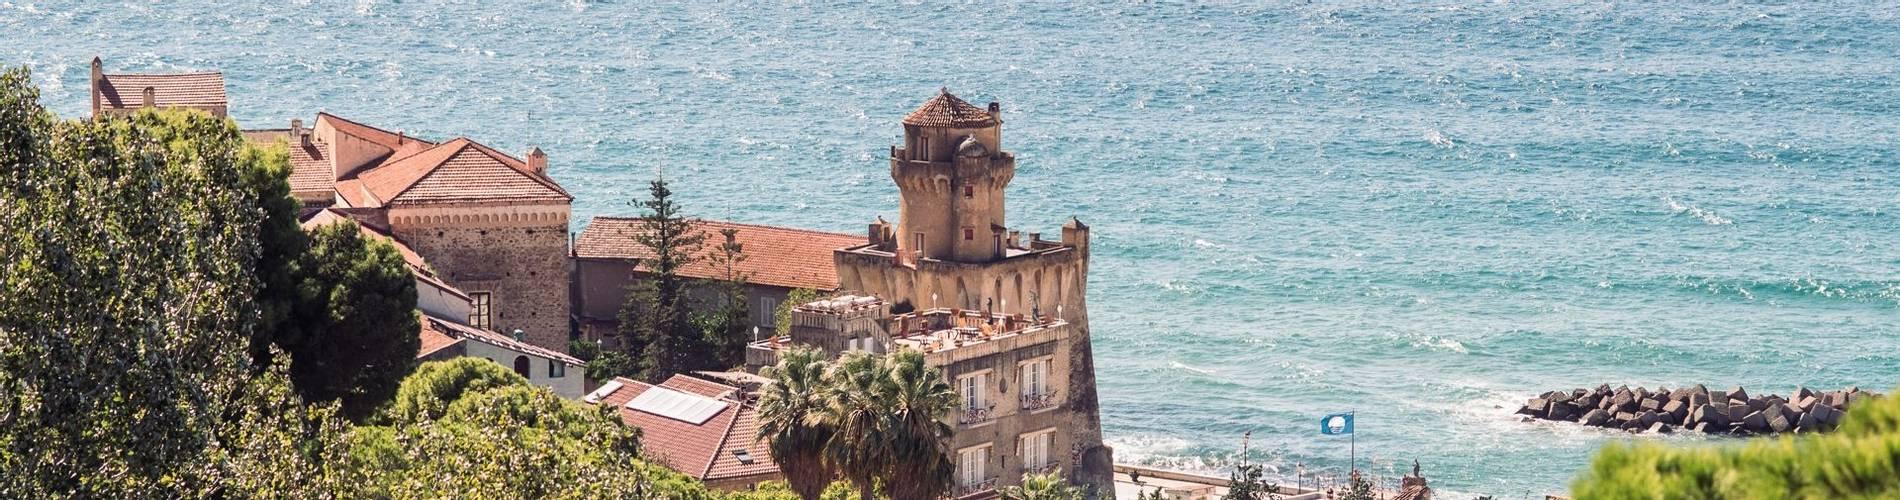 Palazzo Belmonte 7.jpg